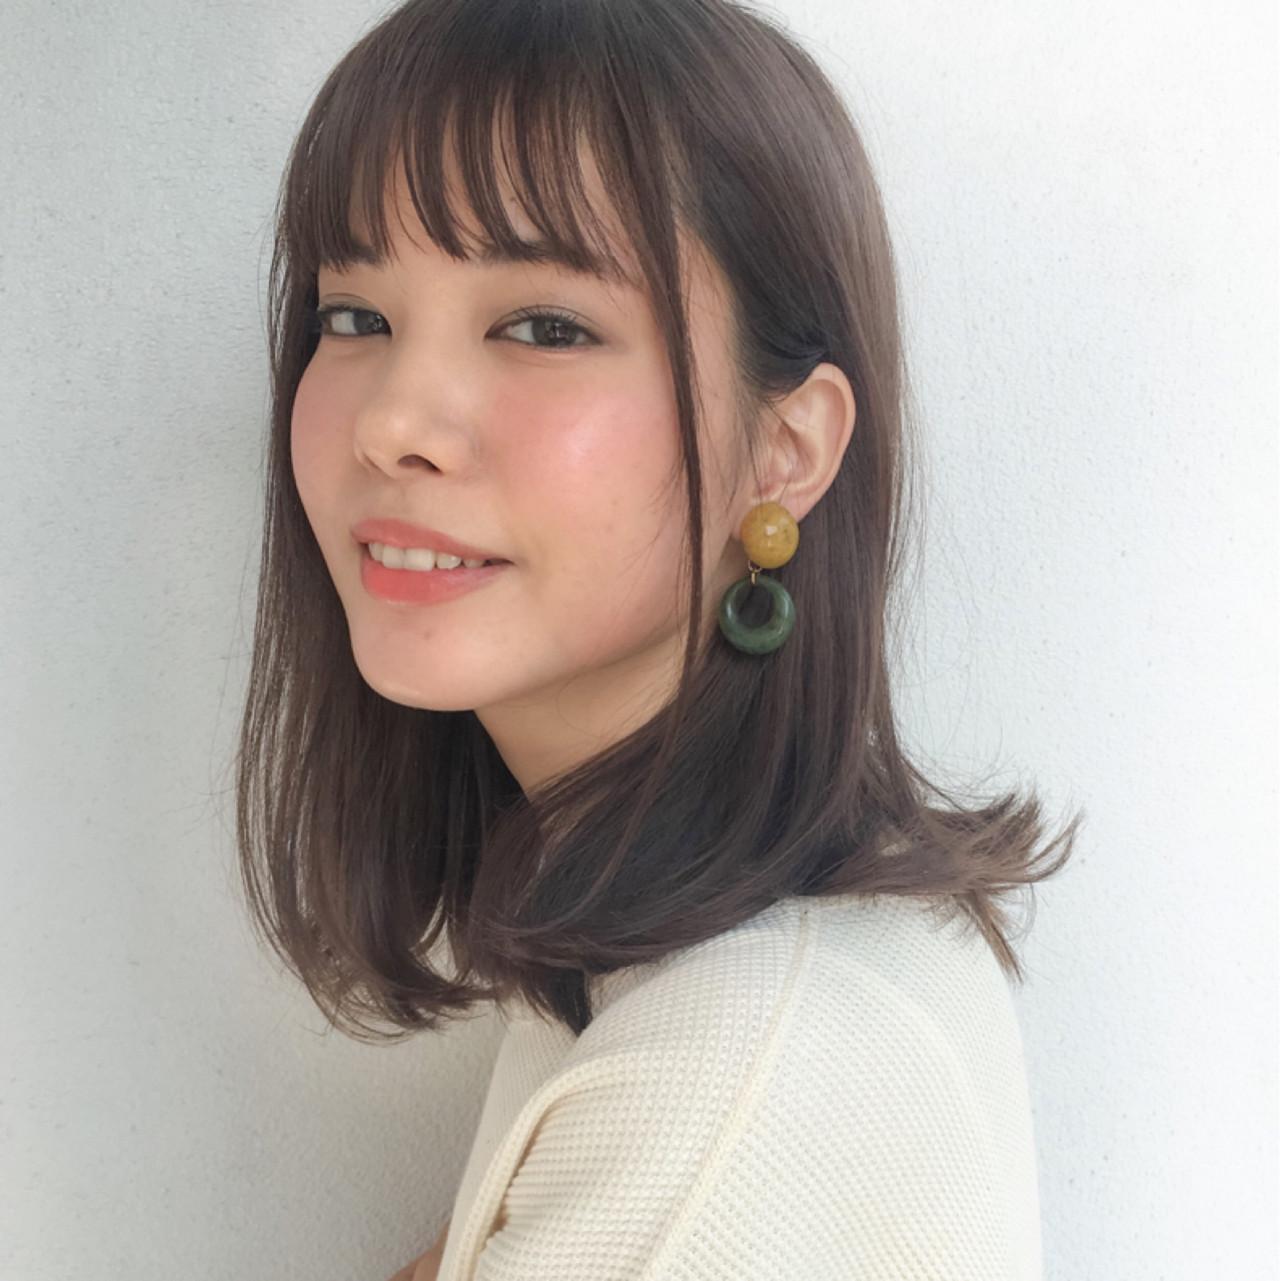 ボブ ミディアム ナチュラル ストレート ヘアスタイルや髪型の写真・画像 | lora.garden 細田真吾 / lora.garden